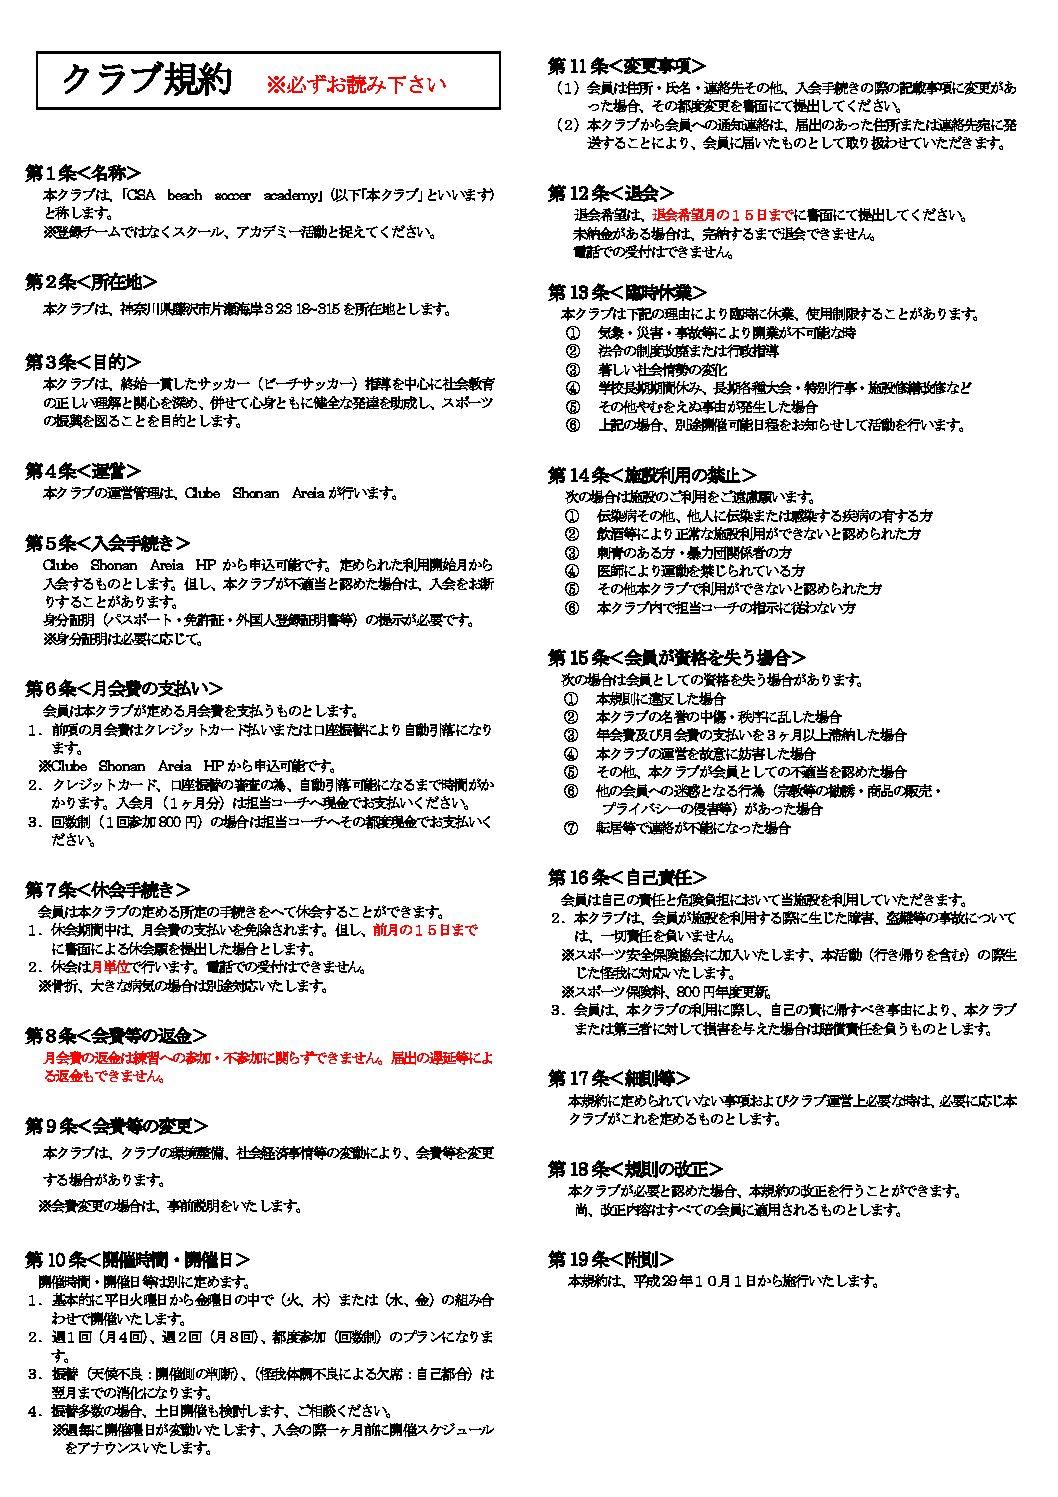 湘南の総合型サッカークラブ   CSA